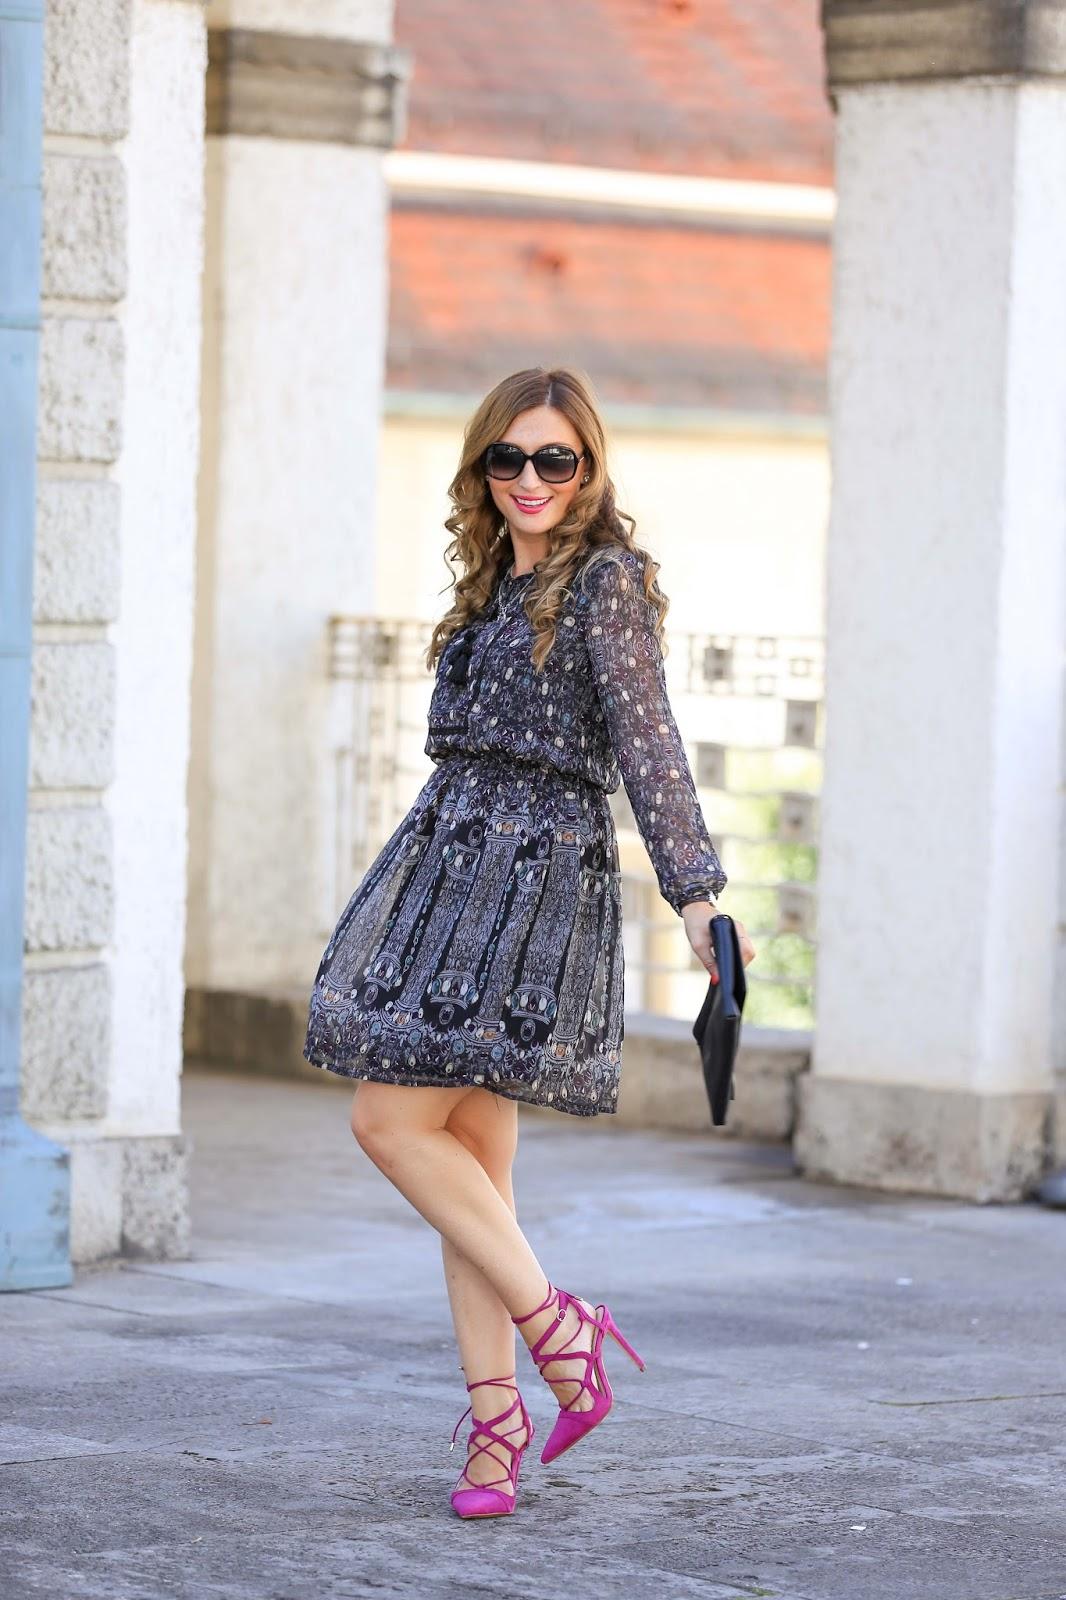 Fashionstylebyjohanna im Kleid -Winterkleid-Pinke Schuhe-Colloseum-Wie kombiniere ich pinke Schuhe-was kann man zu pinken Schuhen tragen-Blogger aus Deutschland -Frankfurt-Blogger aus Frankfurt - Frankfurt Fashionblogger-Deutsch